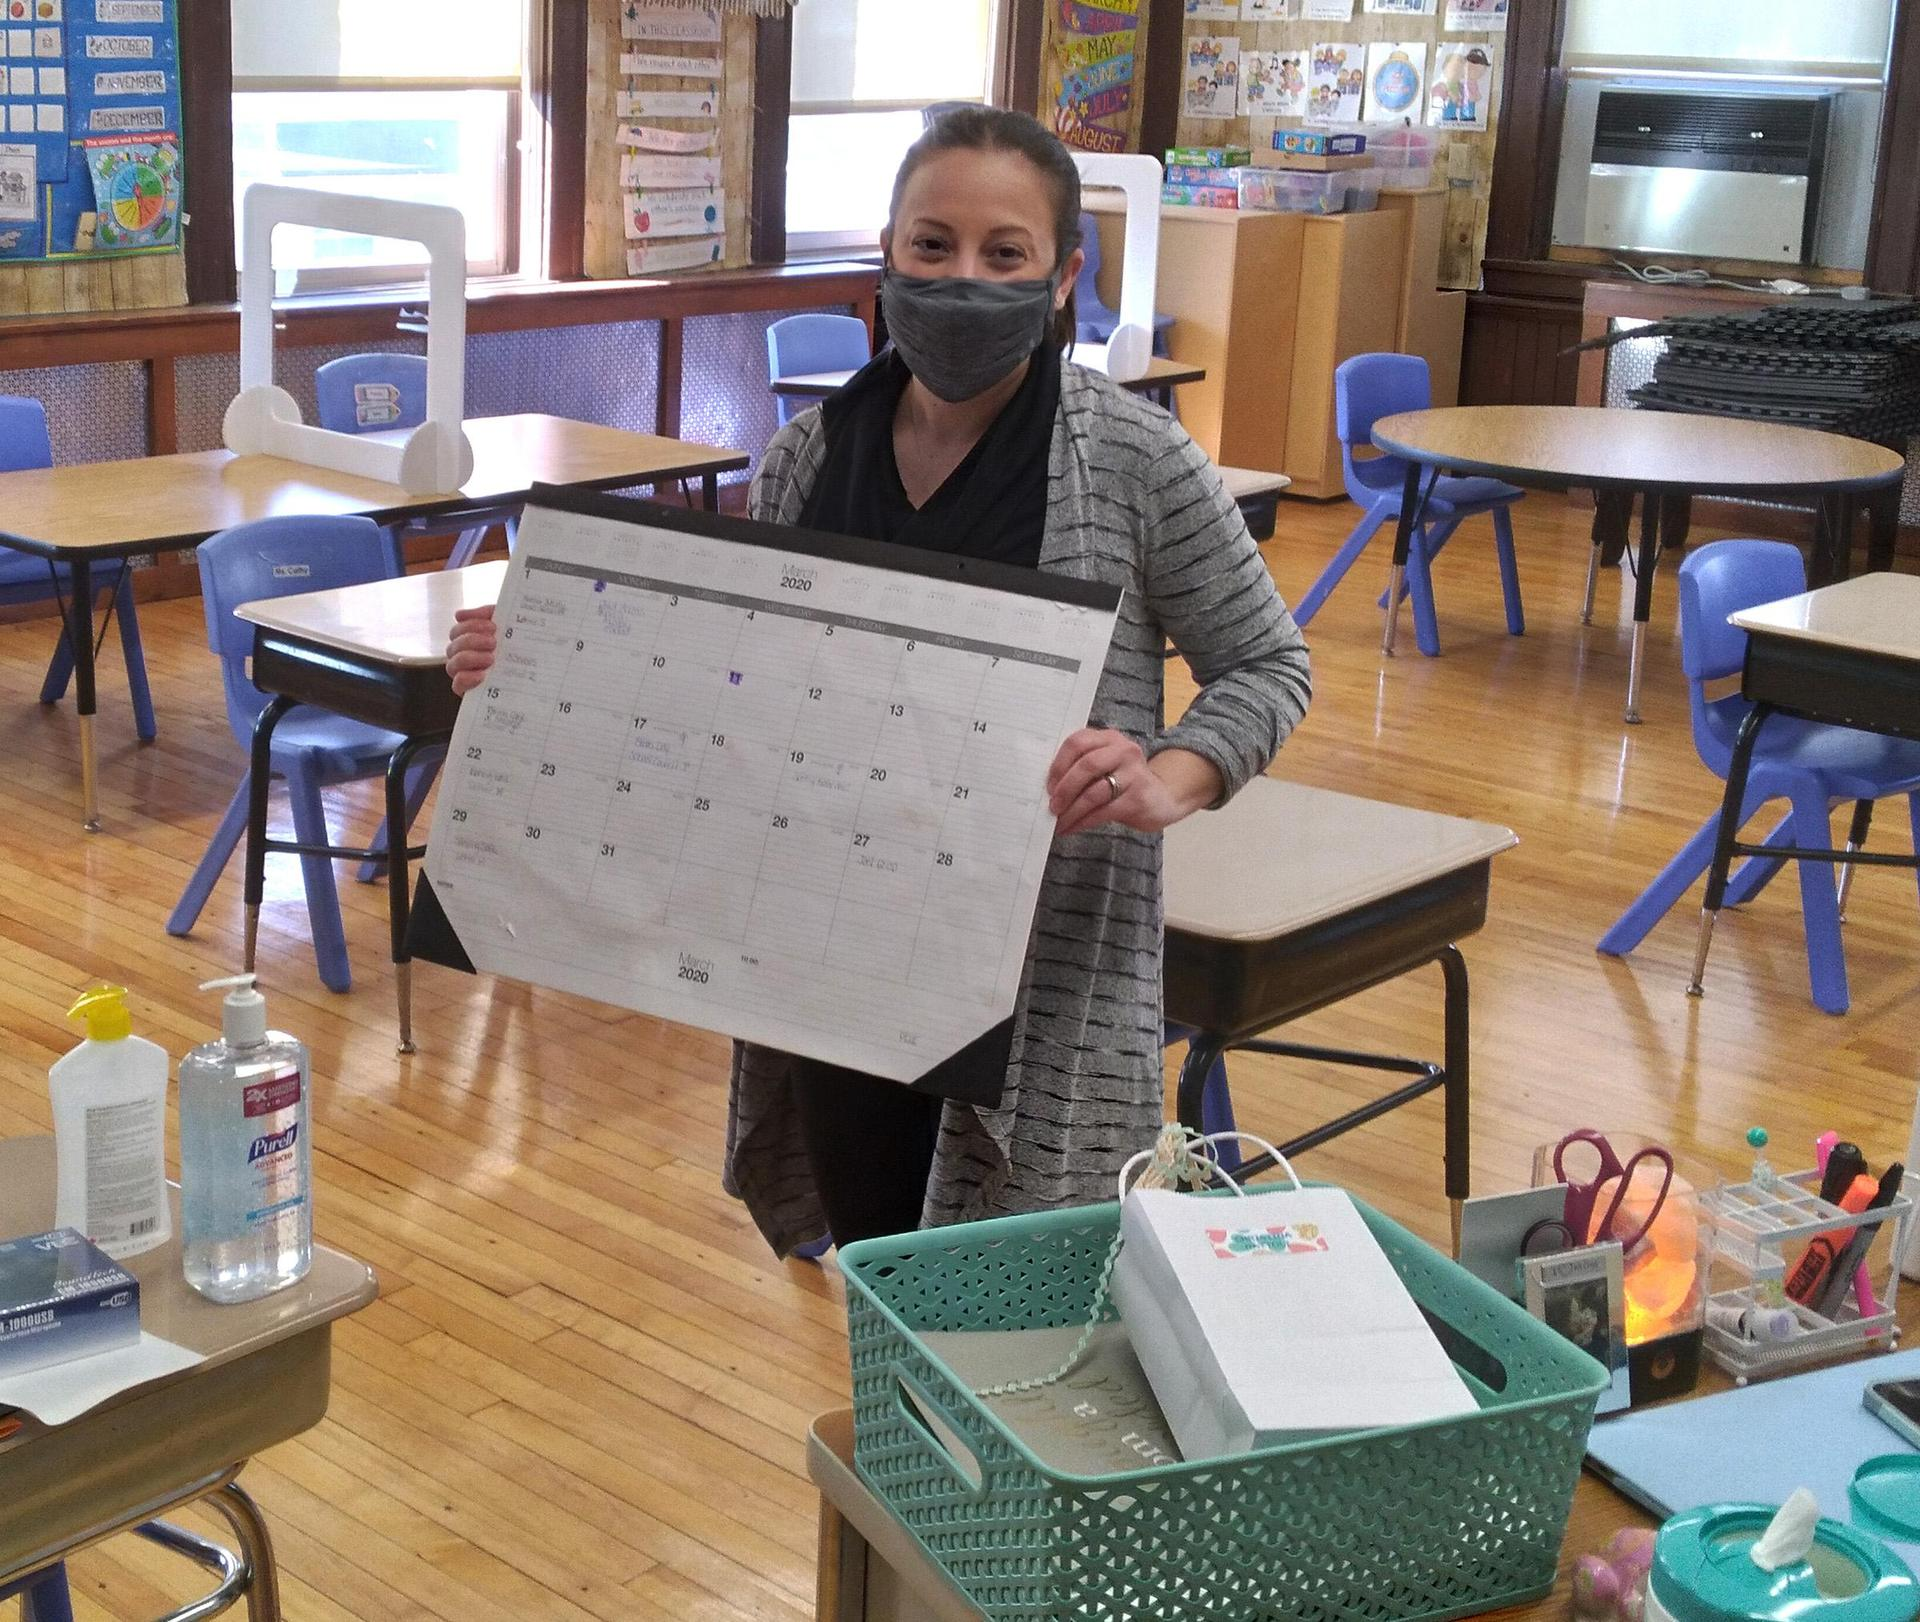 A teacher holding up a desk calendar